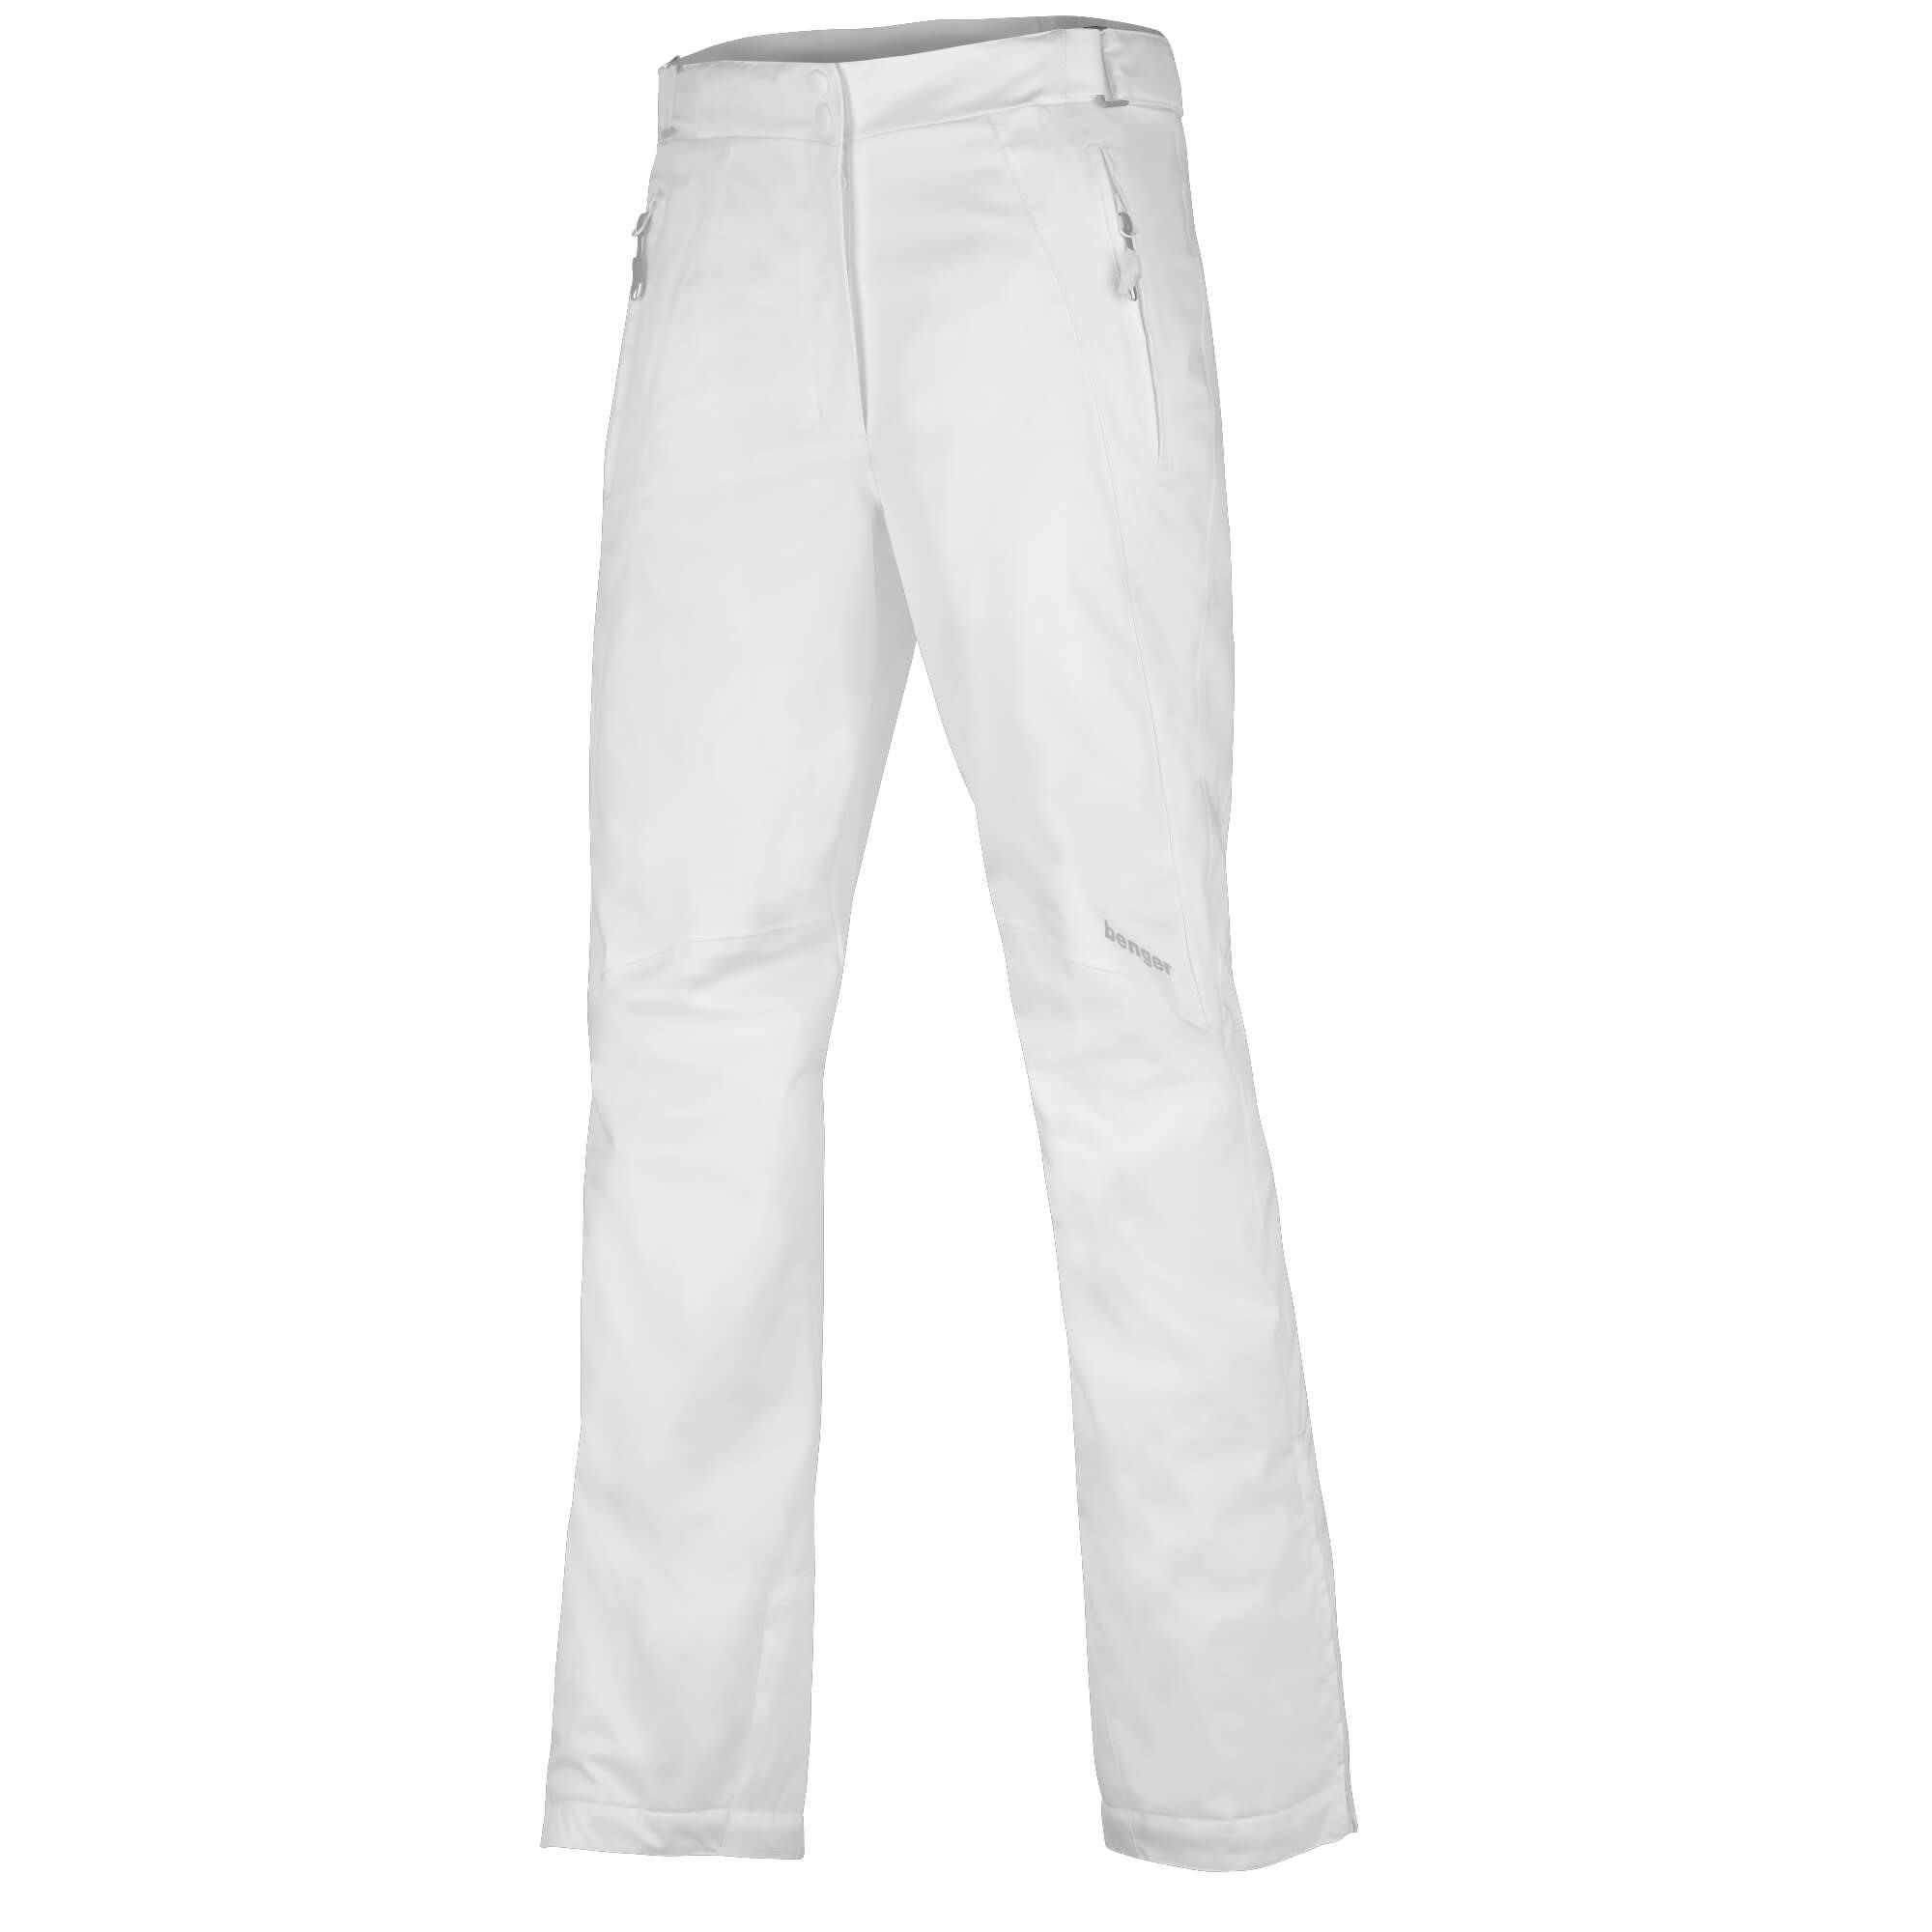 Pantaloni de schi pentru femei imagine produs